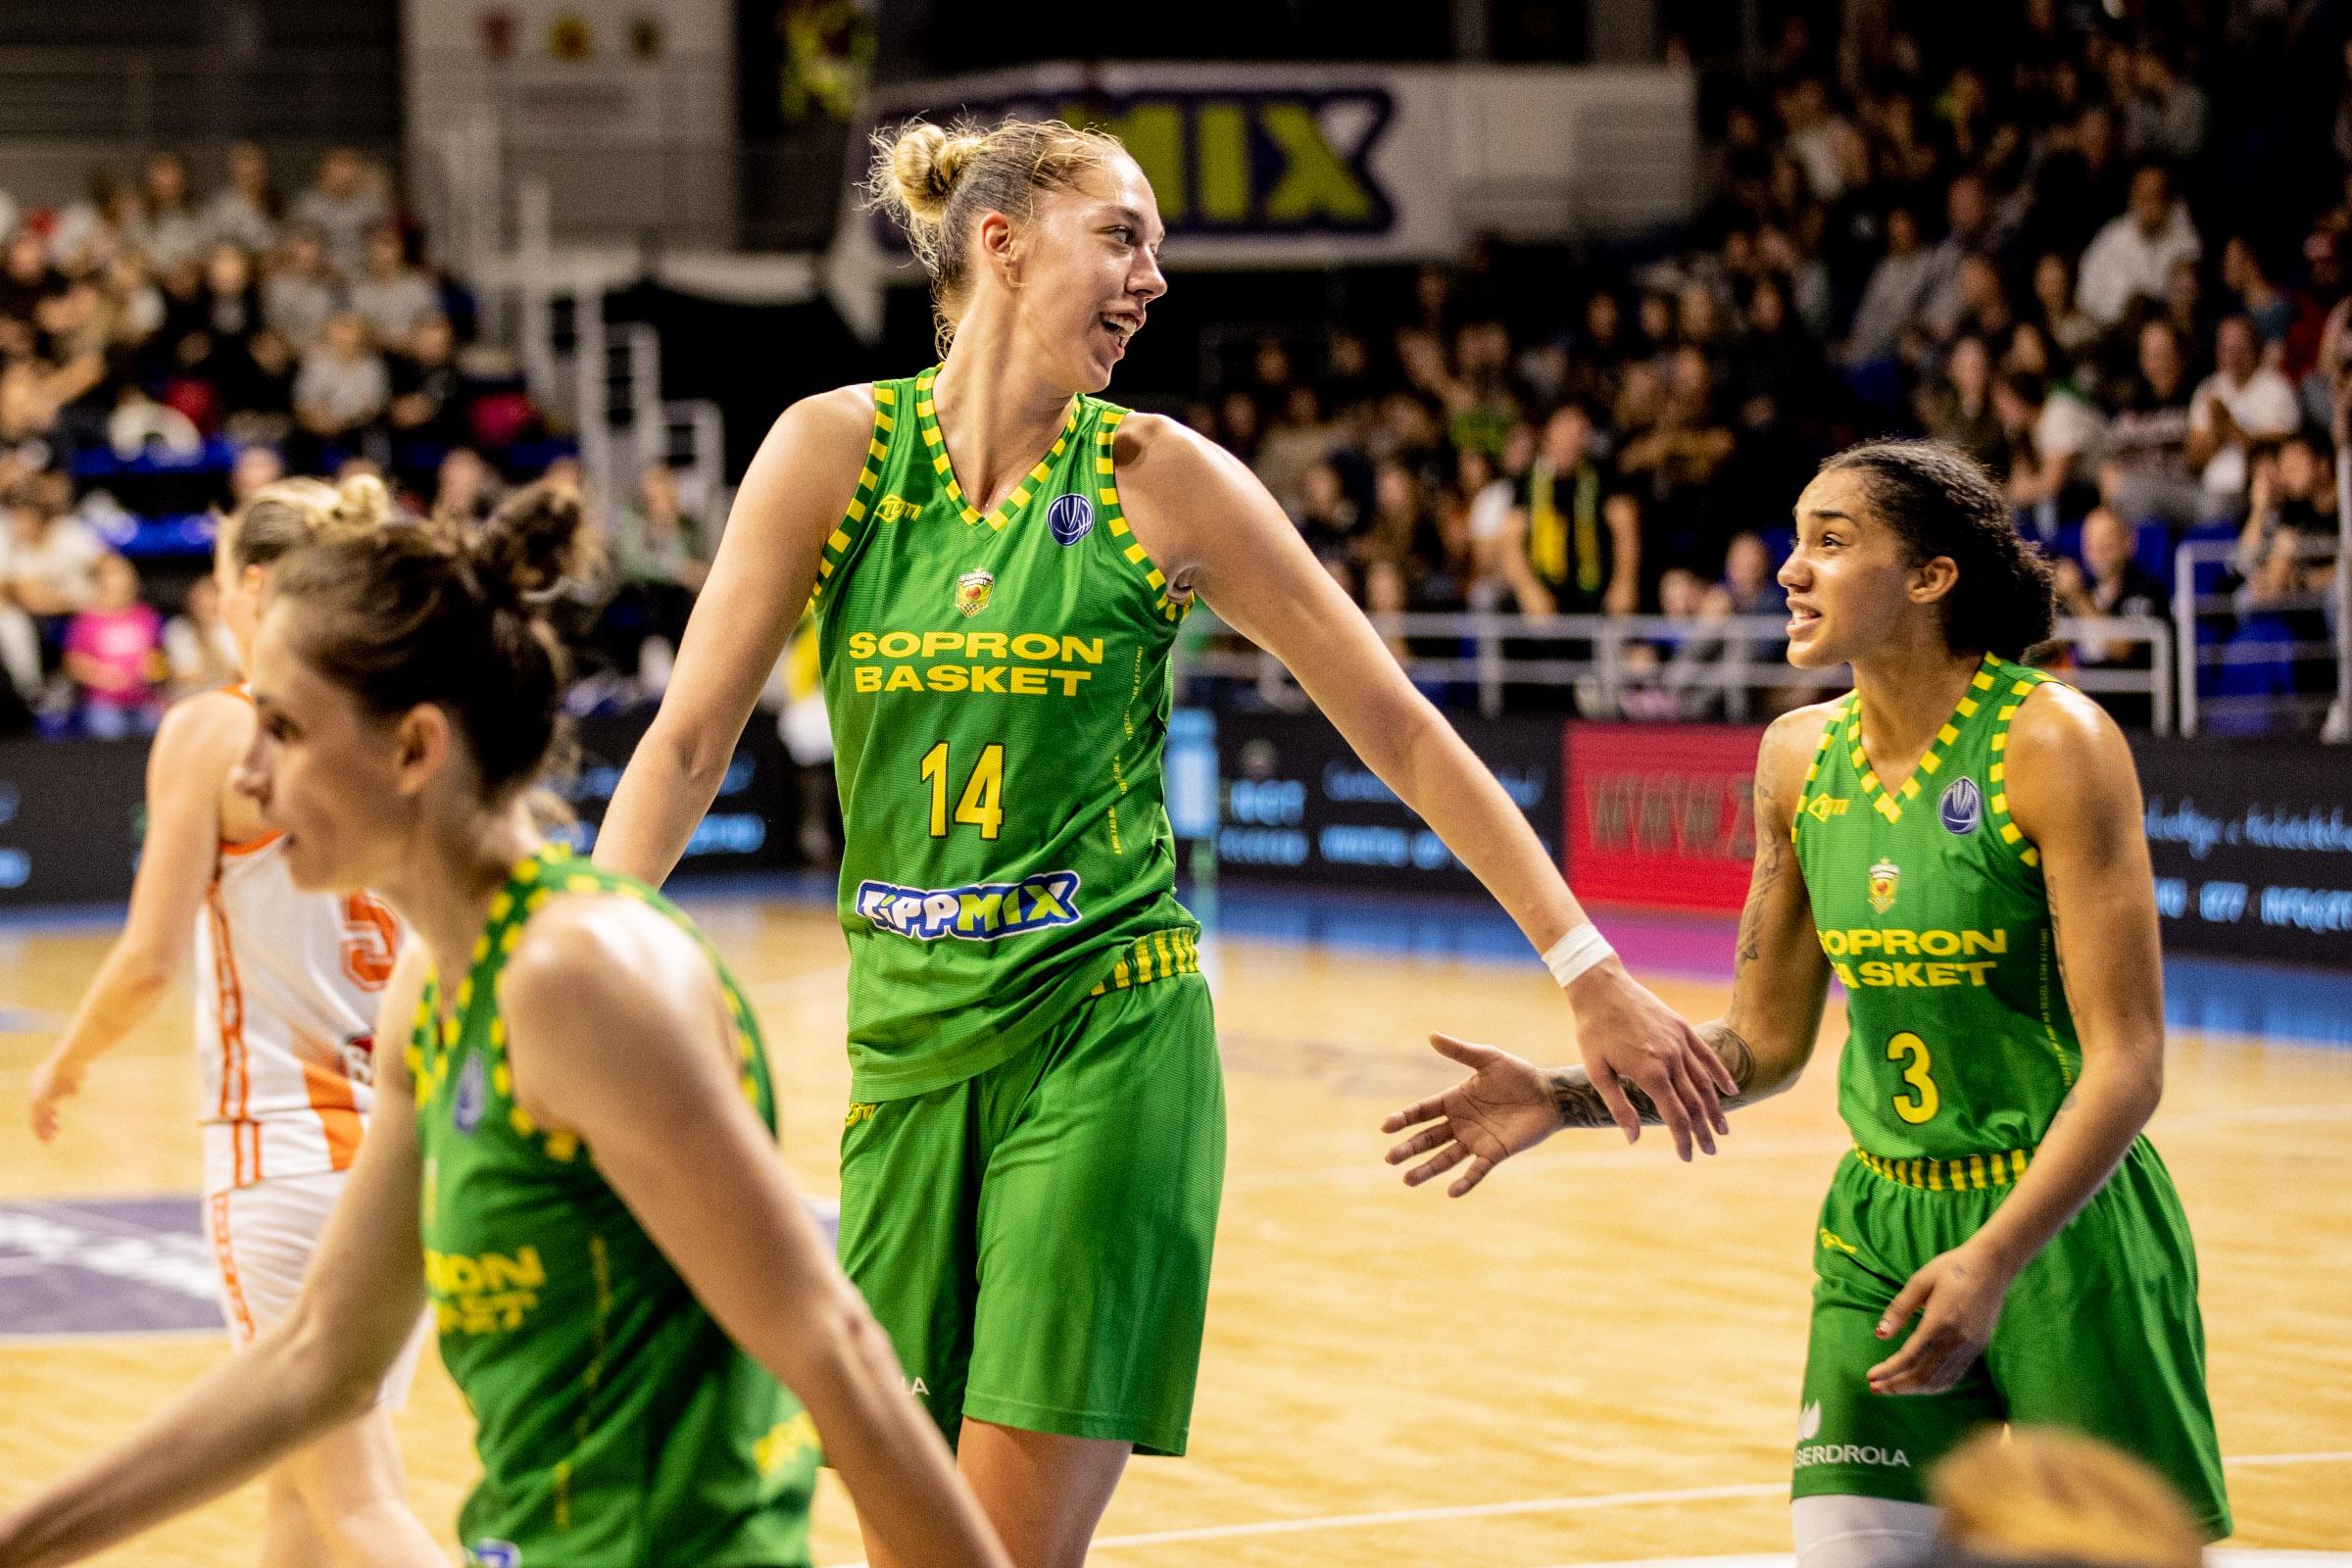 Határ Bernadett világklasszis teljesítménye és a Sopron Basket szárnyalása mindenkit meglepett